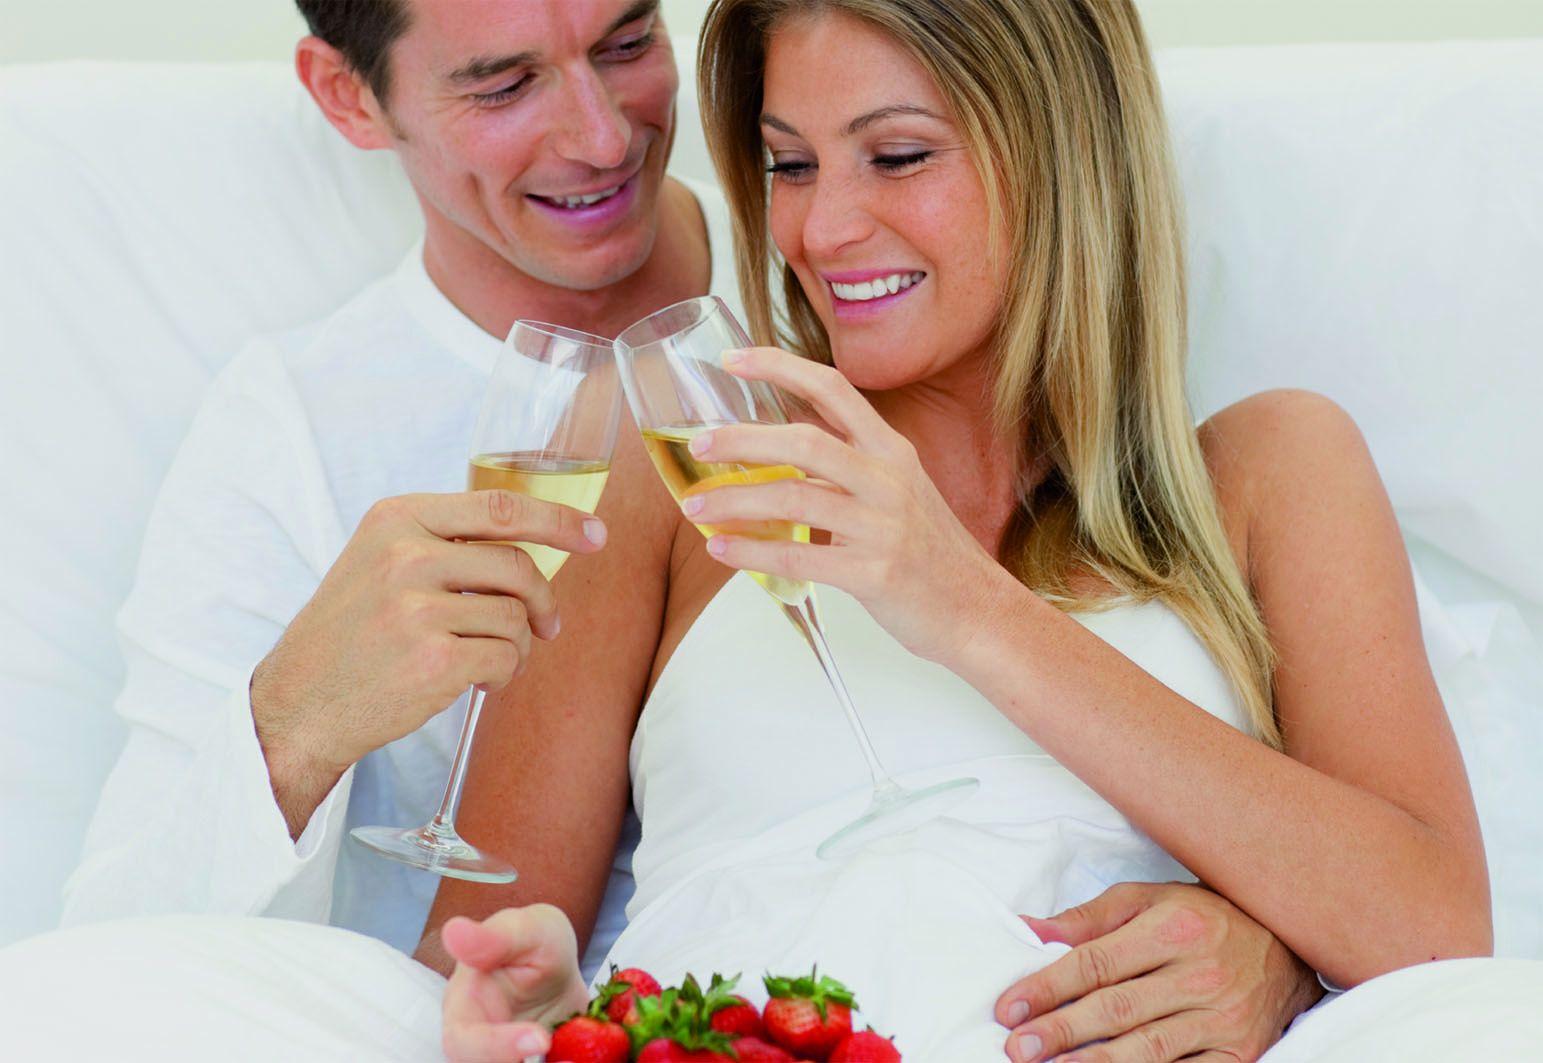 Romantisches Wochenende für Verliebte - Liebesschloss und Kuschelliebe